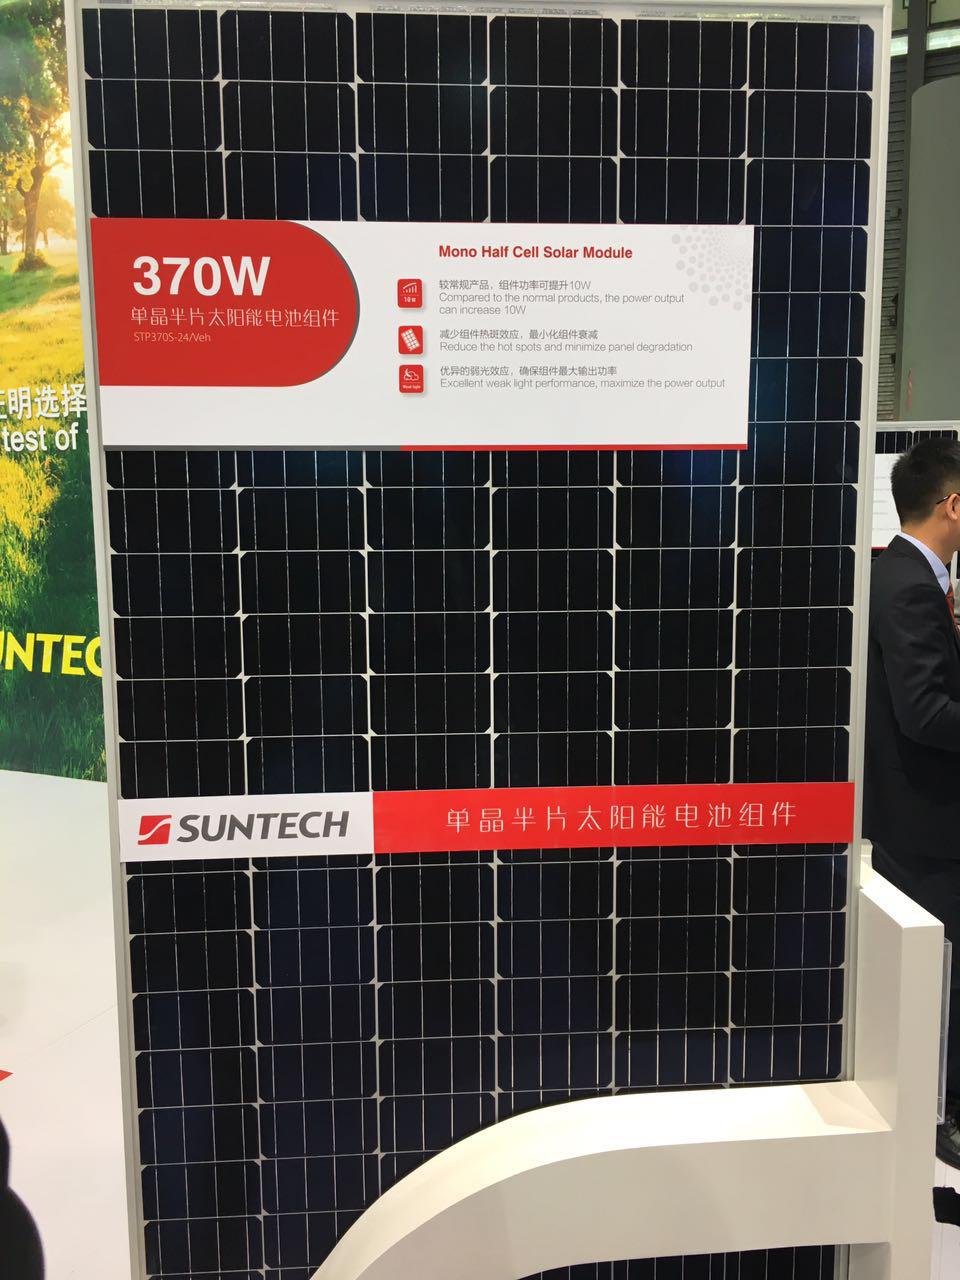 尚德的370w单晶半片太阳能组件